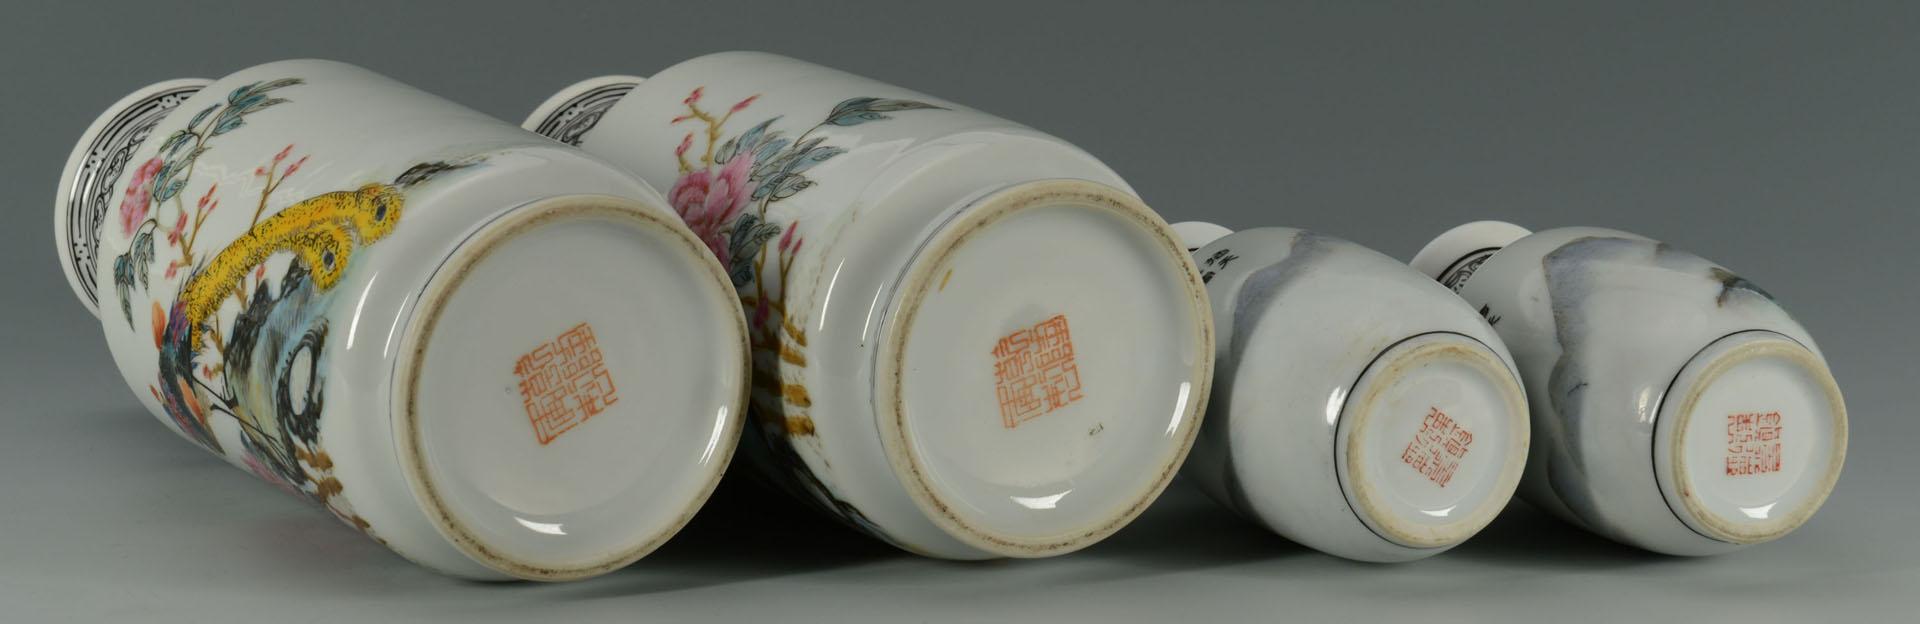 Lot 235: Set of 4 Chinese Republic Vases, birds of paradise